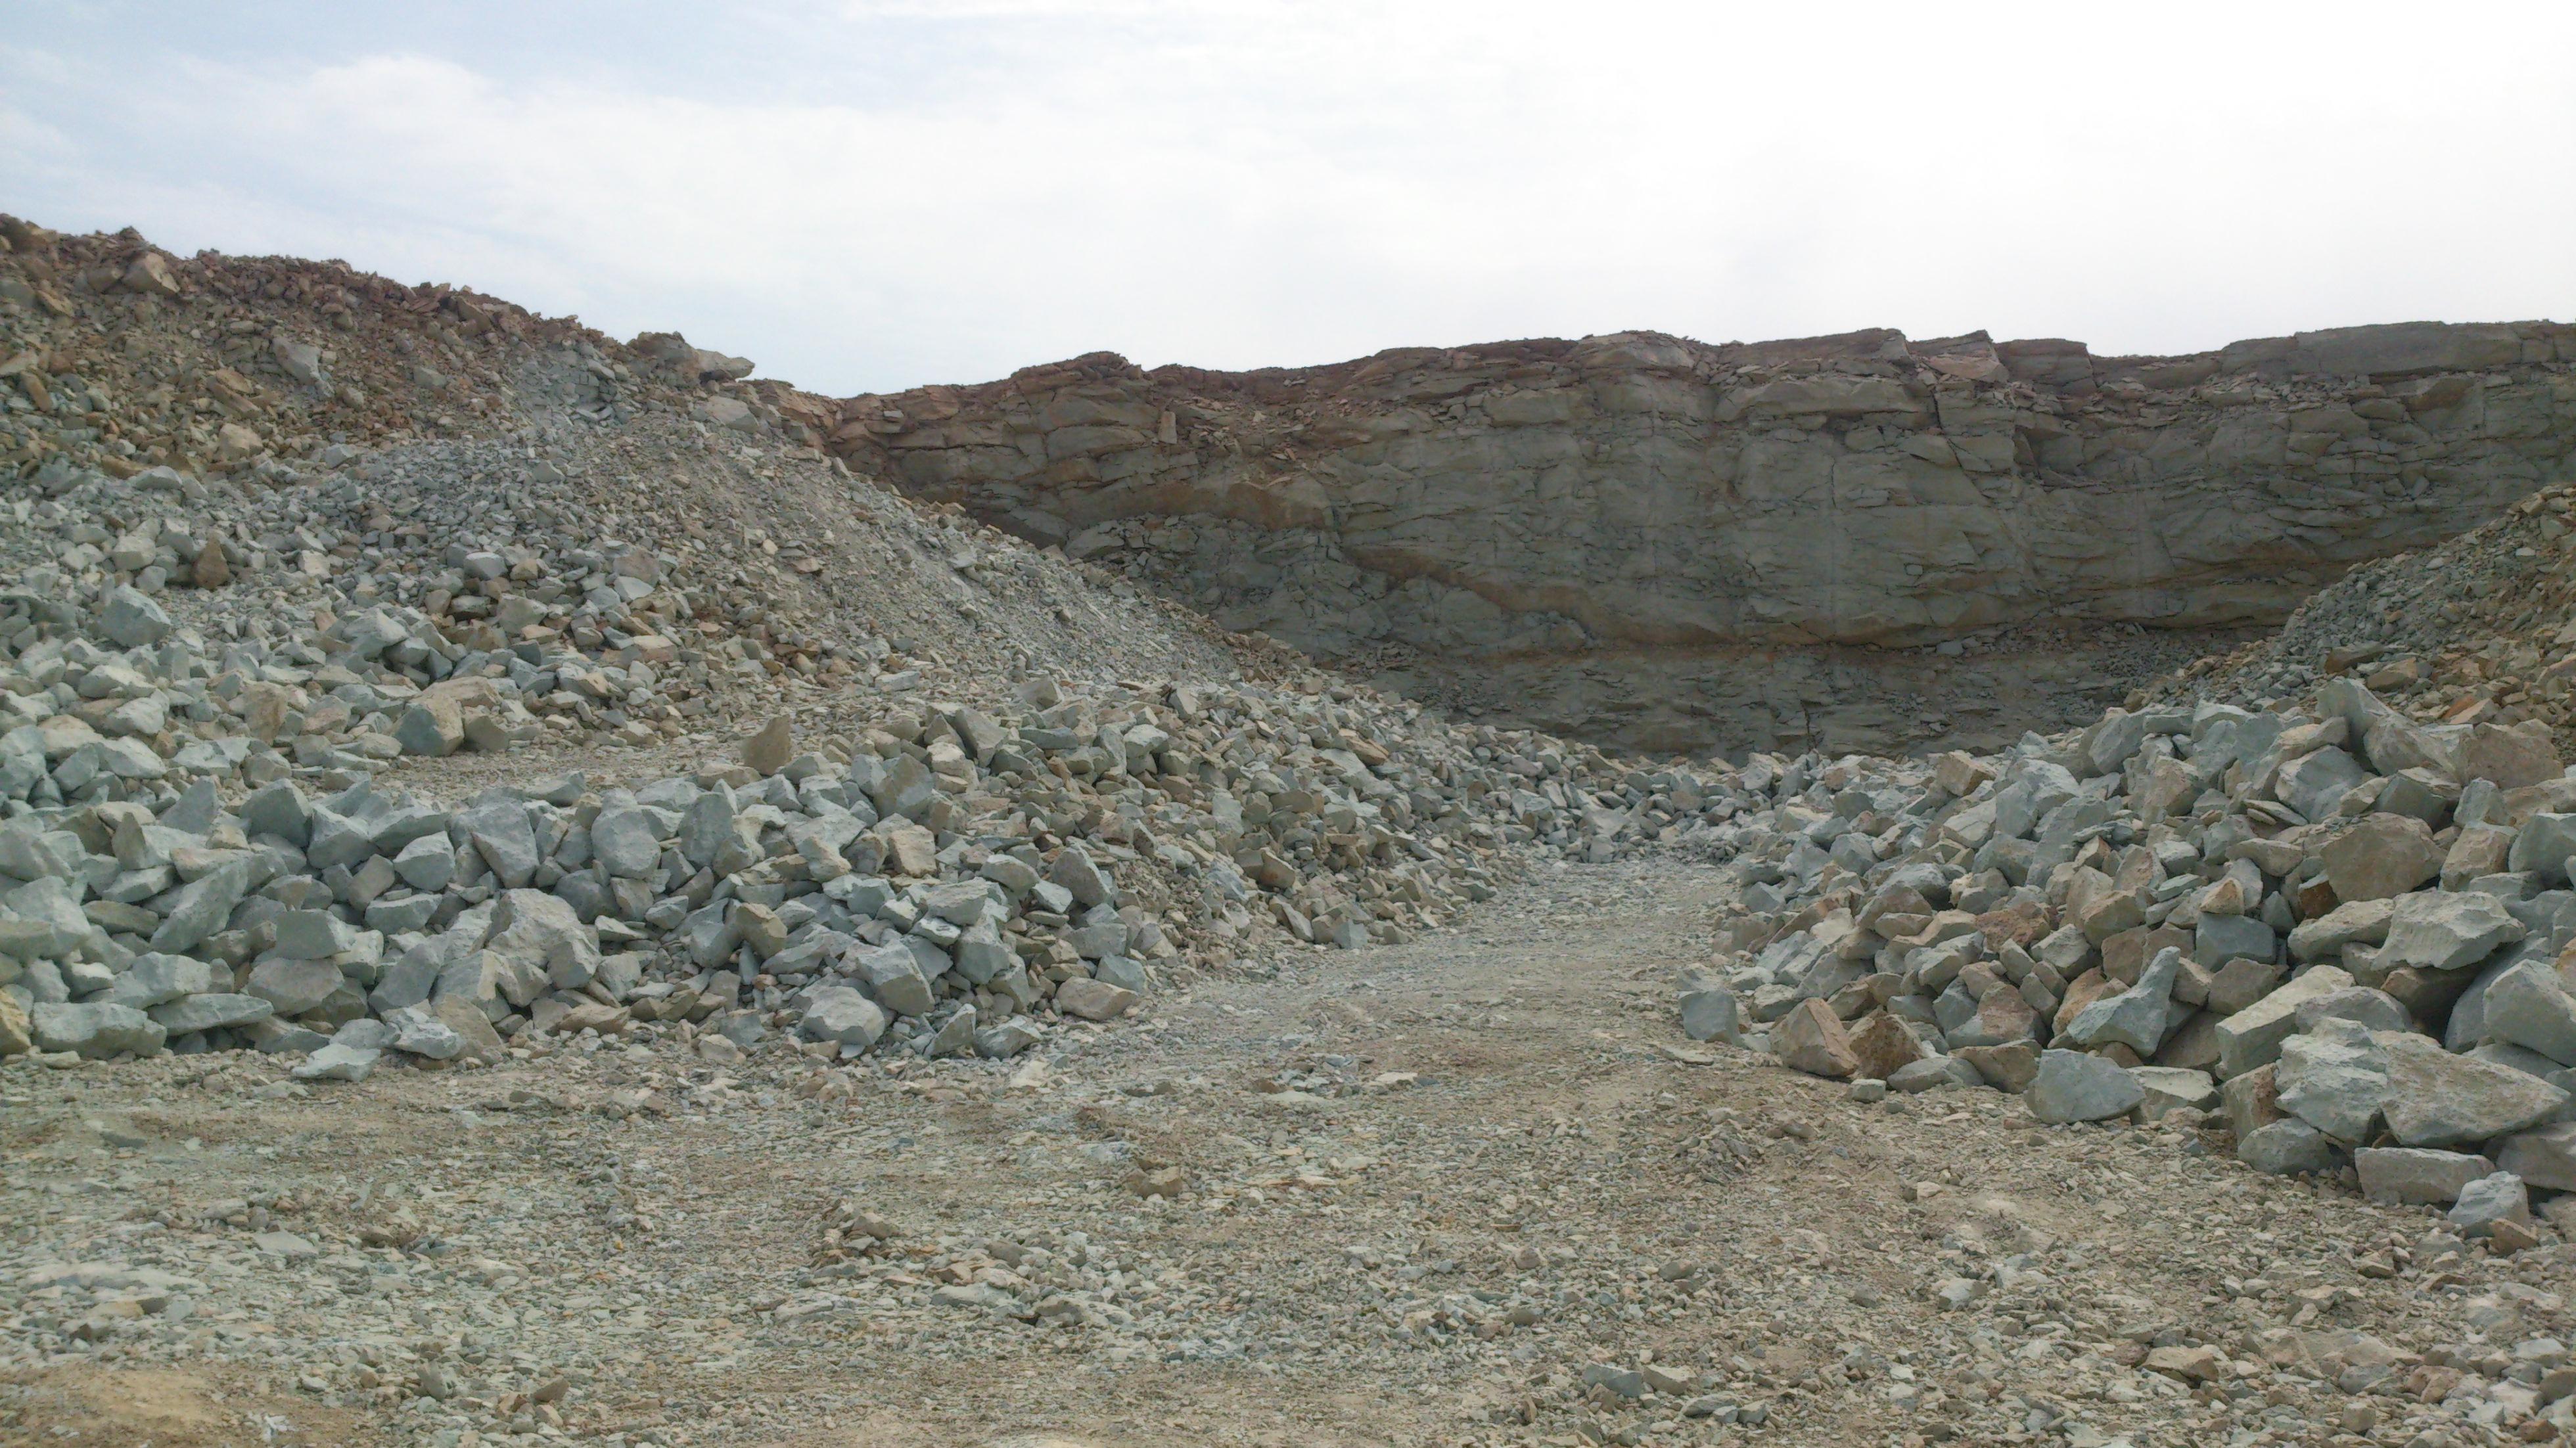 فروش معدن پوزولان دودهک اندیس مورد تائید و استفاده در طرحهای بزرگ عمرانی و کارخانجات سیمان